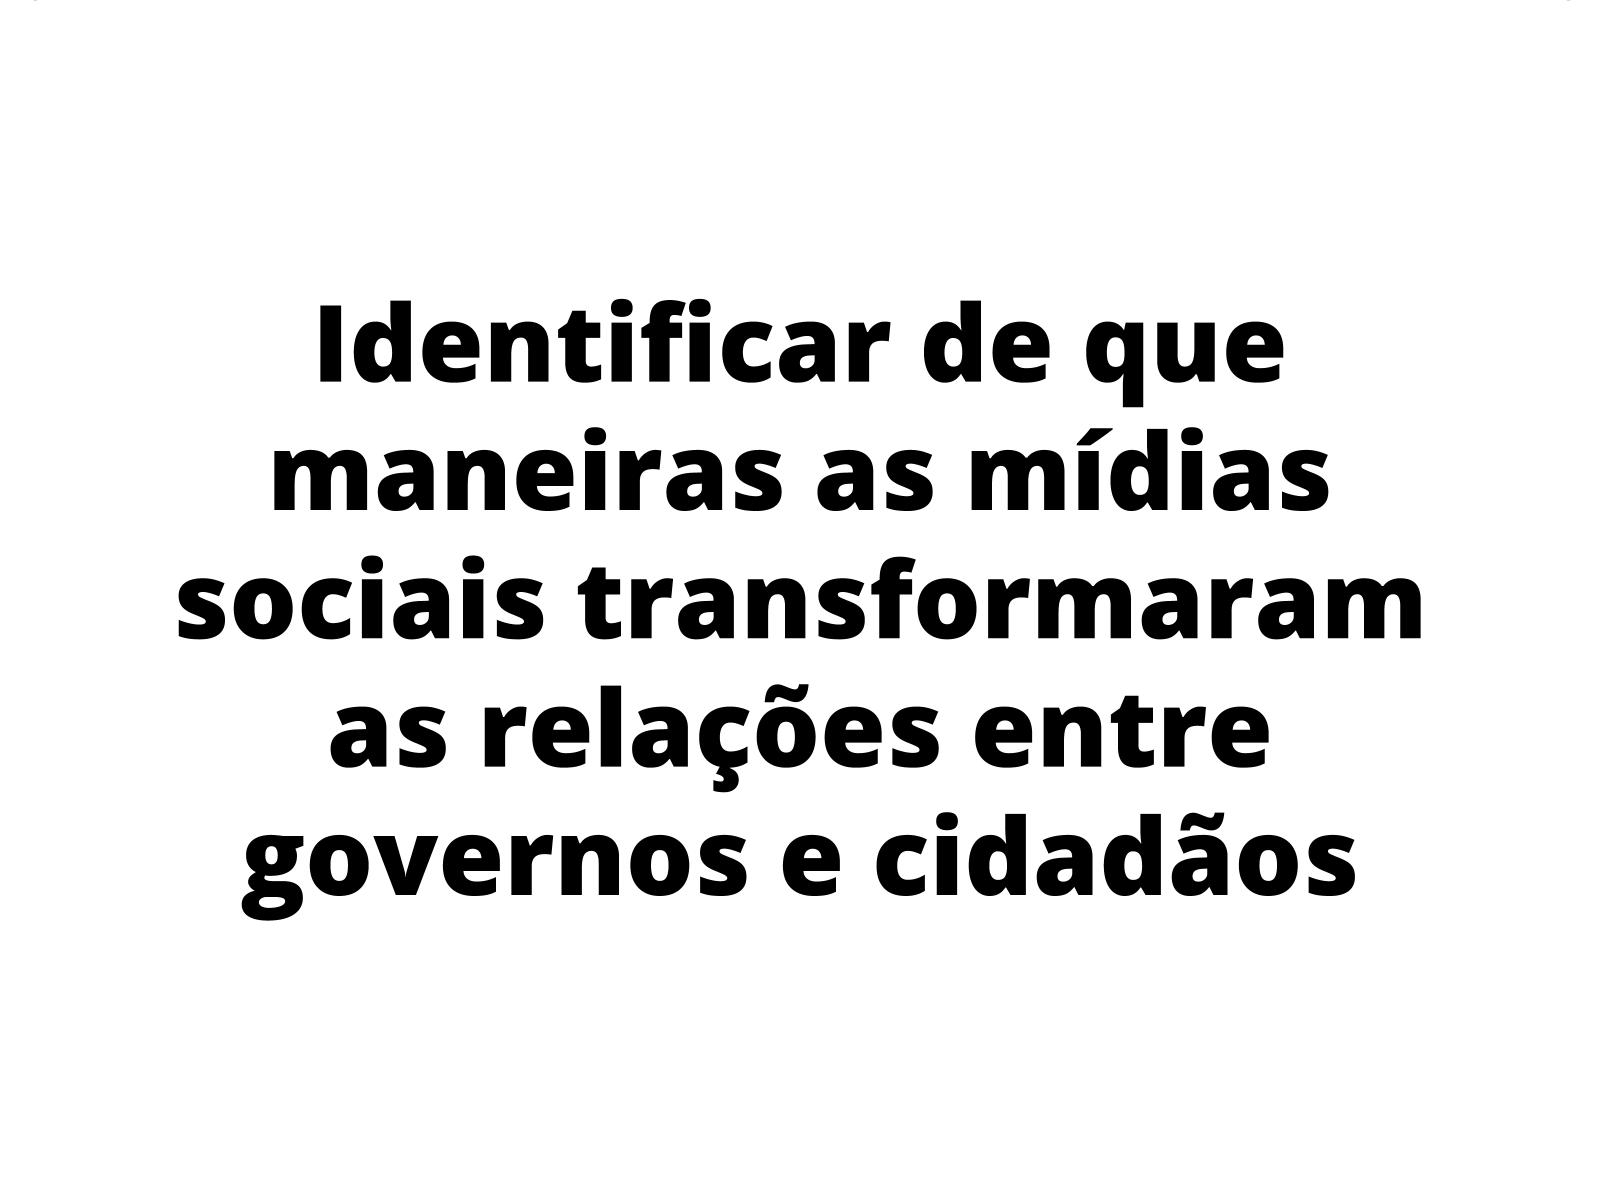 As mídias sociais e as transformações nas relações entre governos e cidadãos